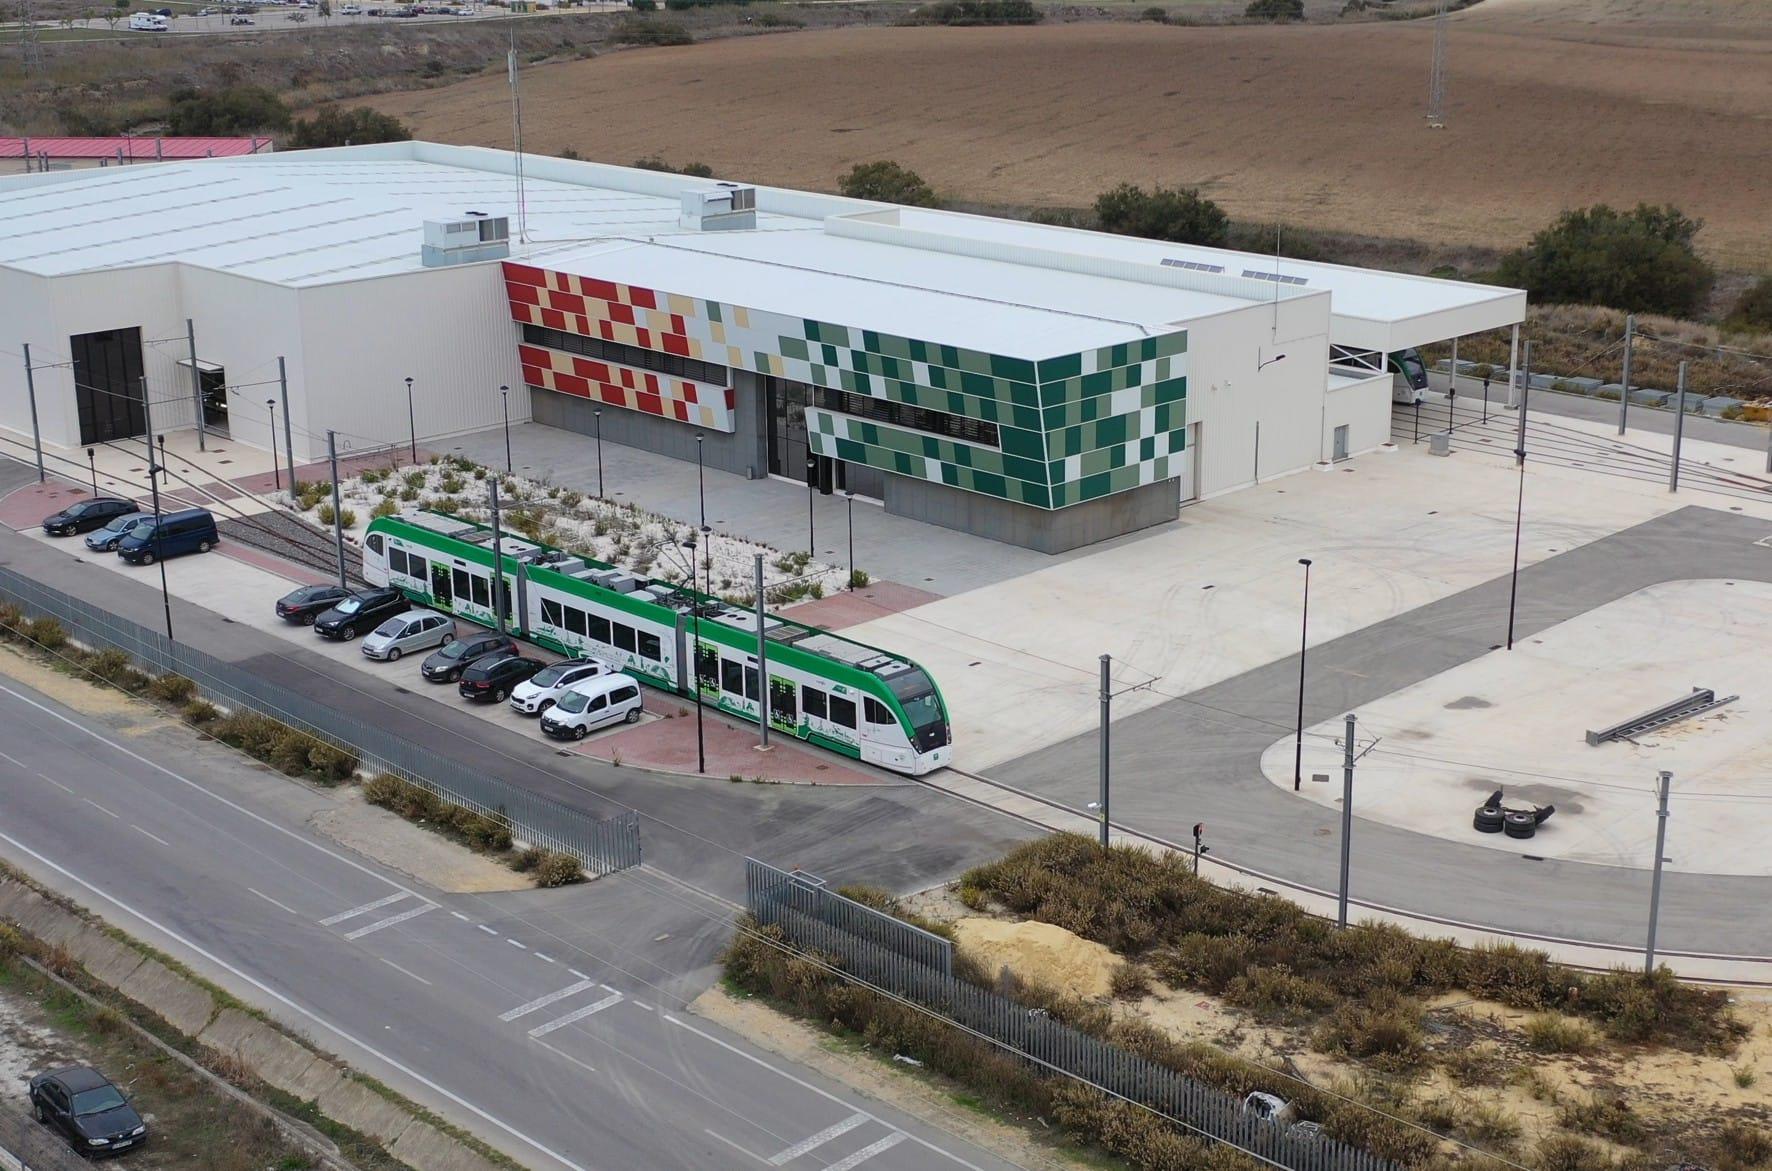 Autorizada la inversión de 8,7 millones para el mantenimiento de trenes del tranvía de Cádiz